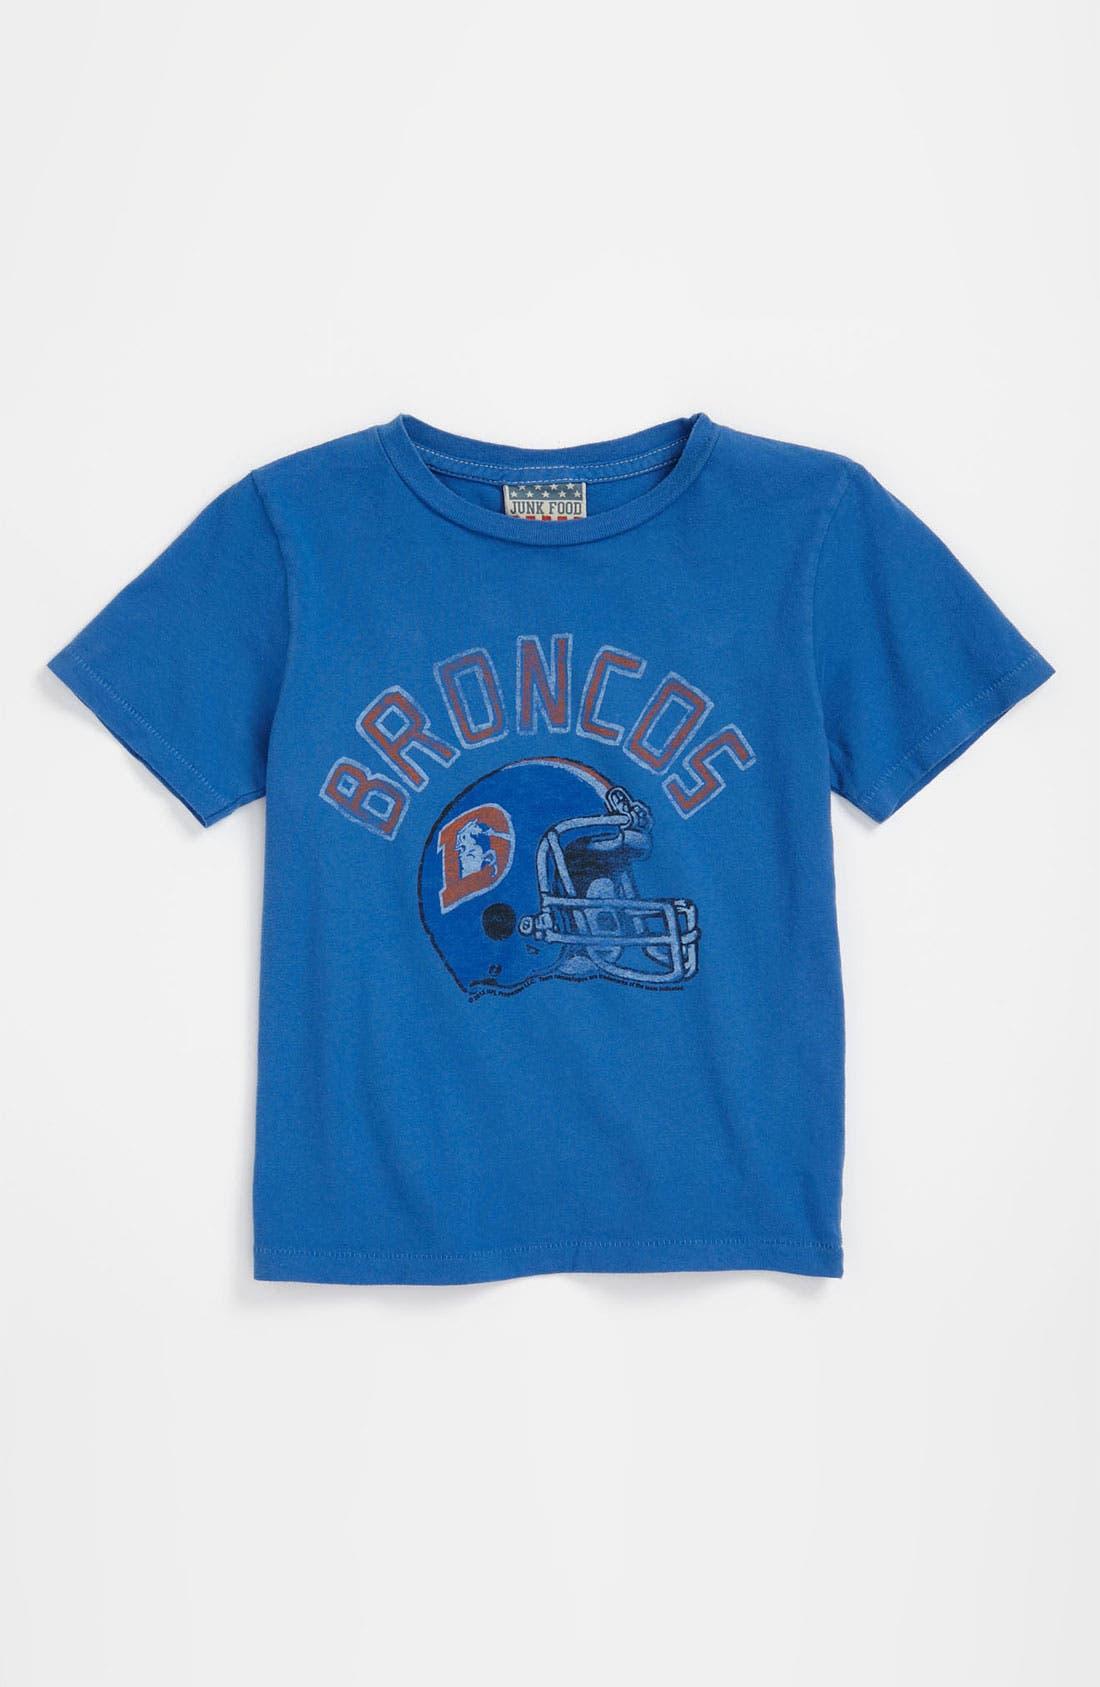 Main Image - Junk Food 'Denver Broncos' T-Shirt (Infant)